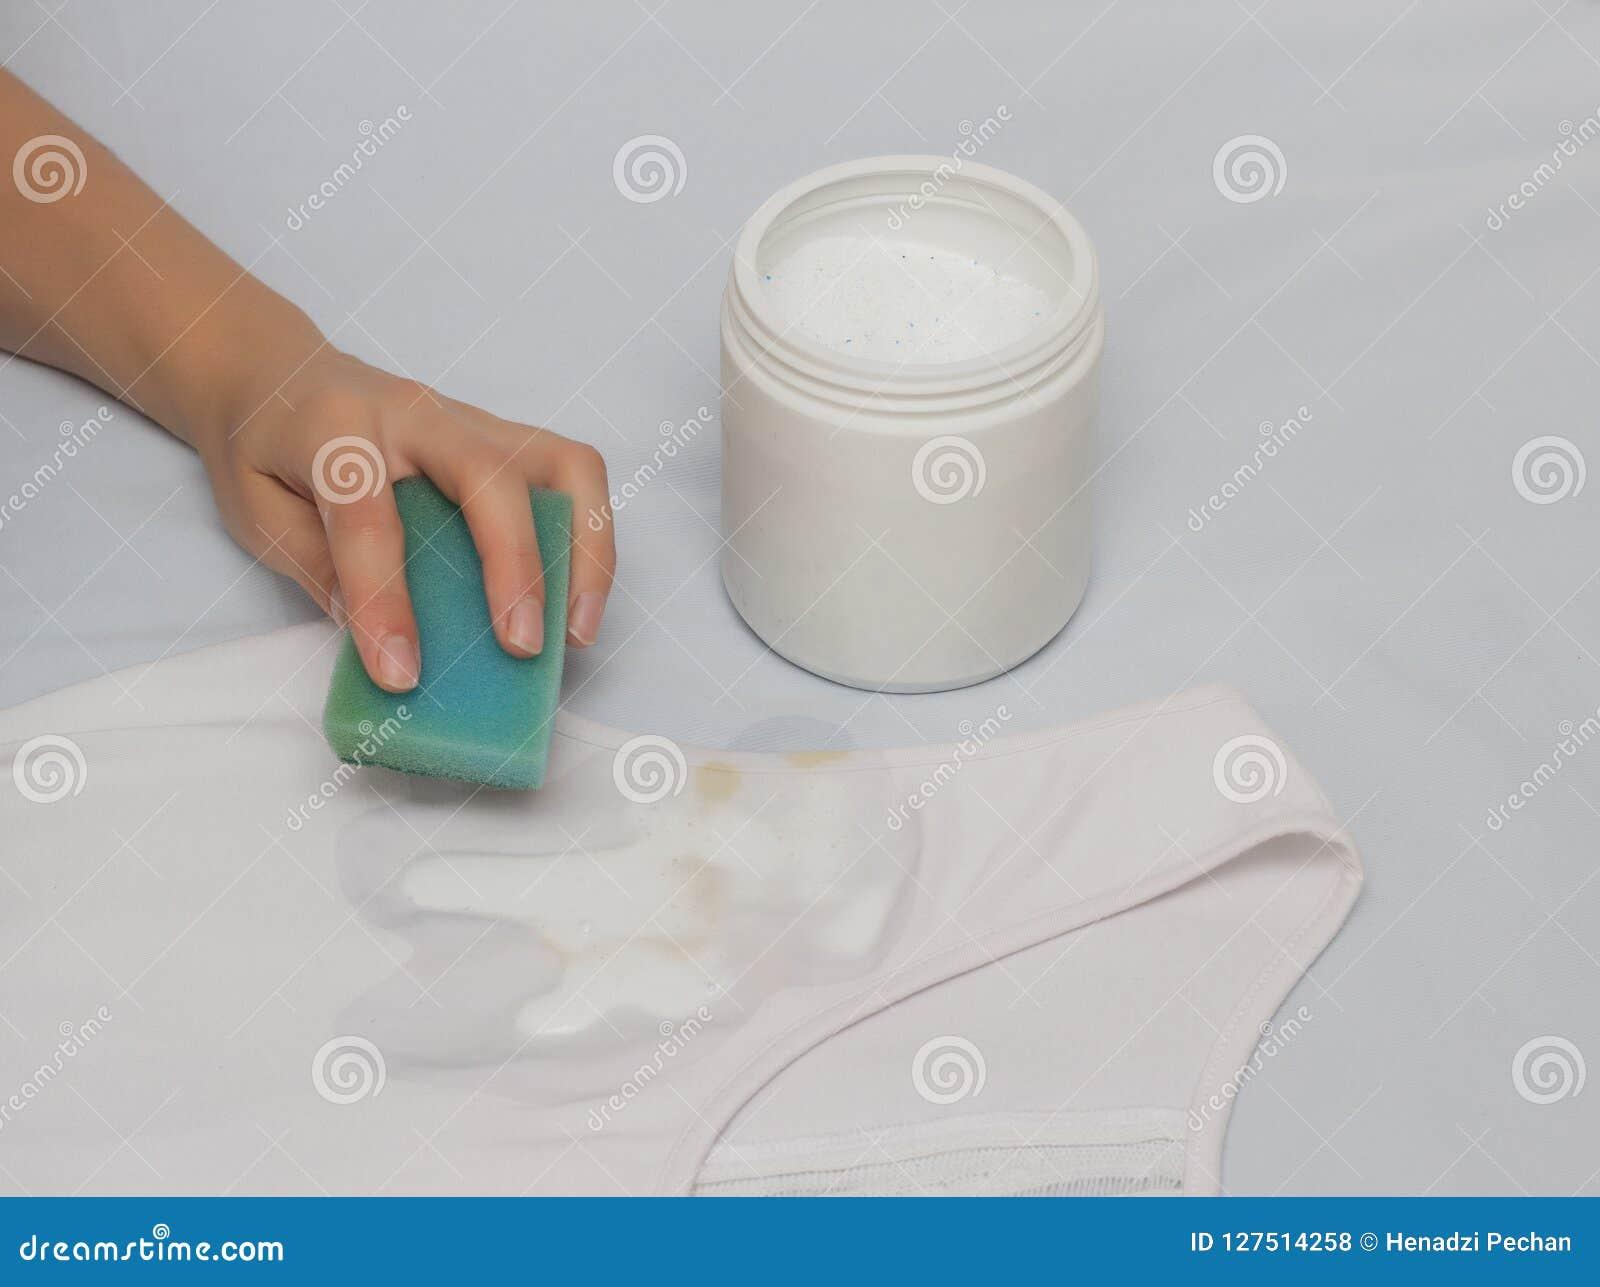 Ein Mädchen säubert einen Fleck mit einem Schwamm auf einem T-Shirt unter Verwendung eines Fleckenentferners, Nahaufnahme, Hand